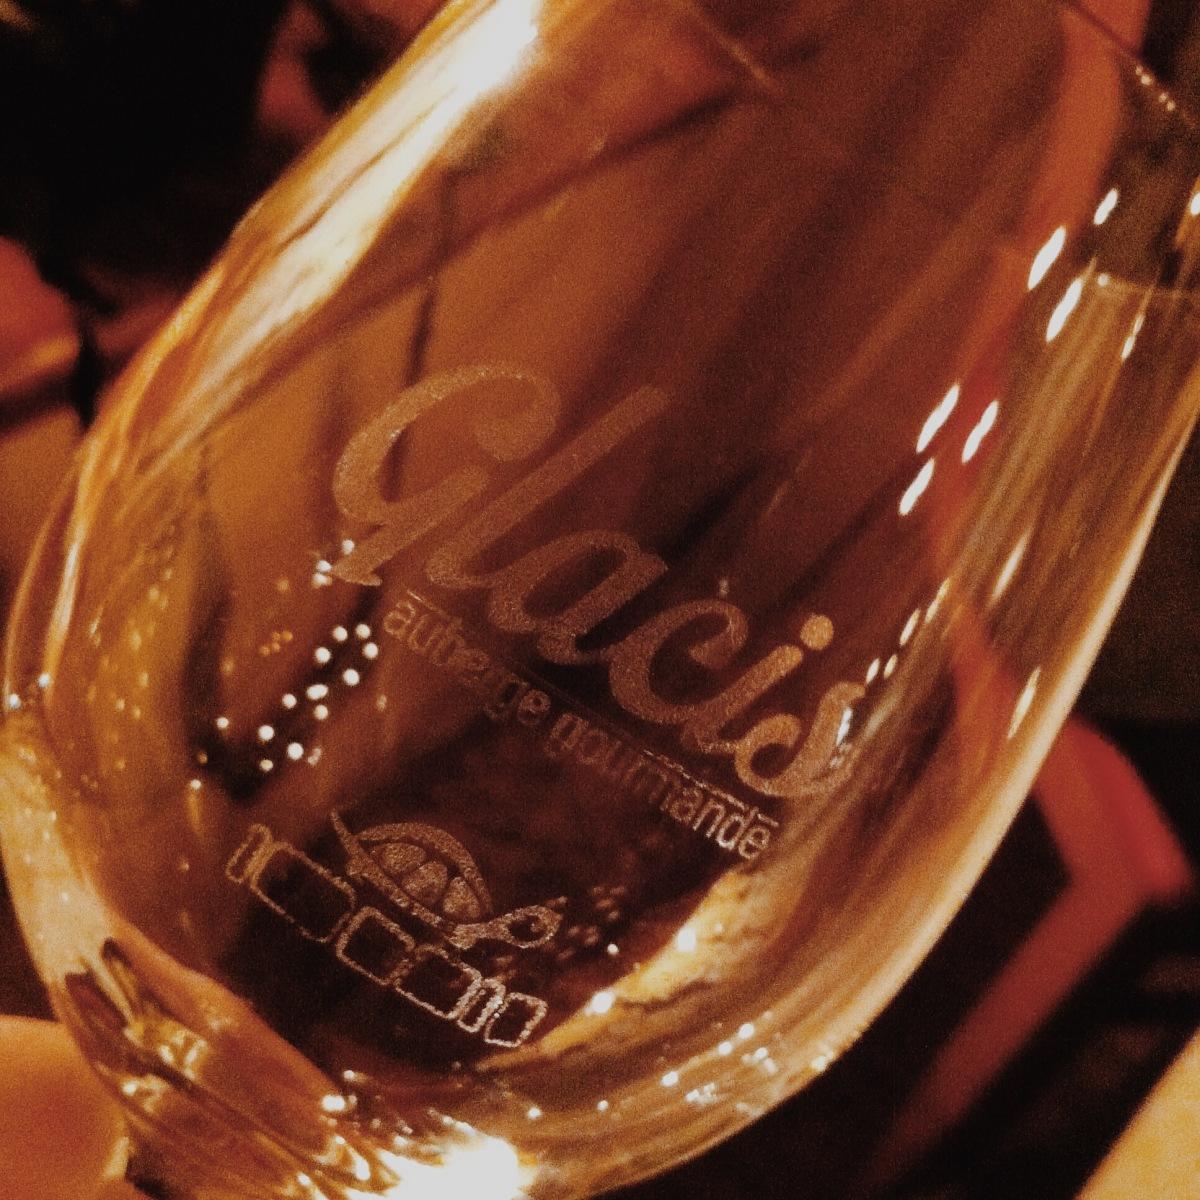 Les verres sont si jolis!